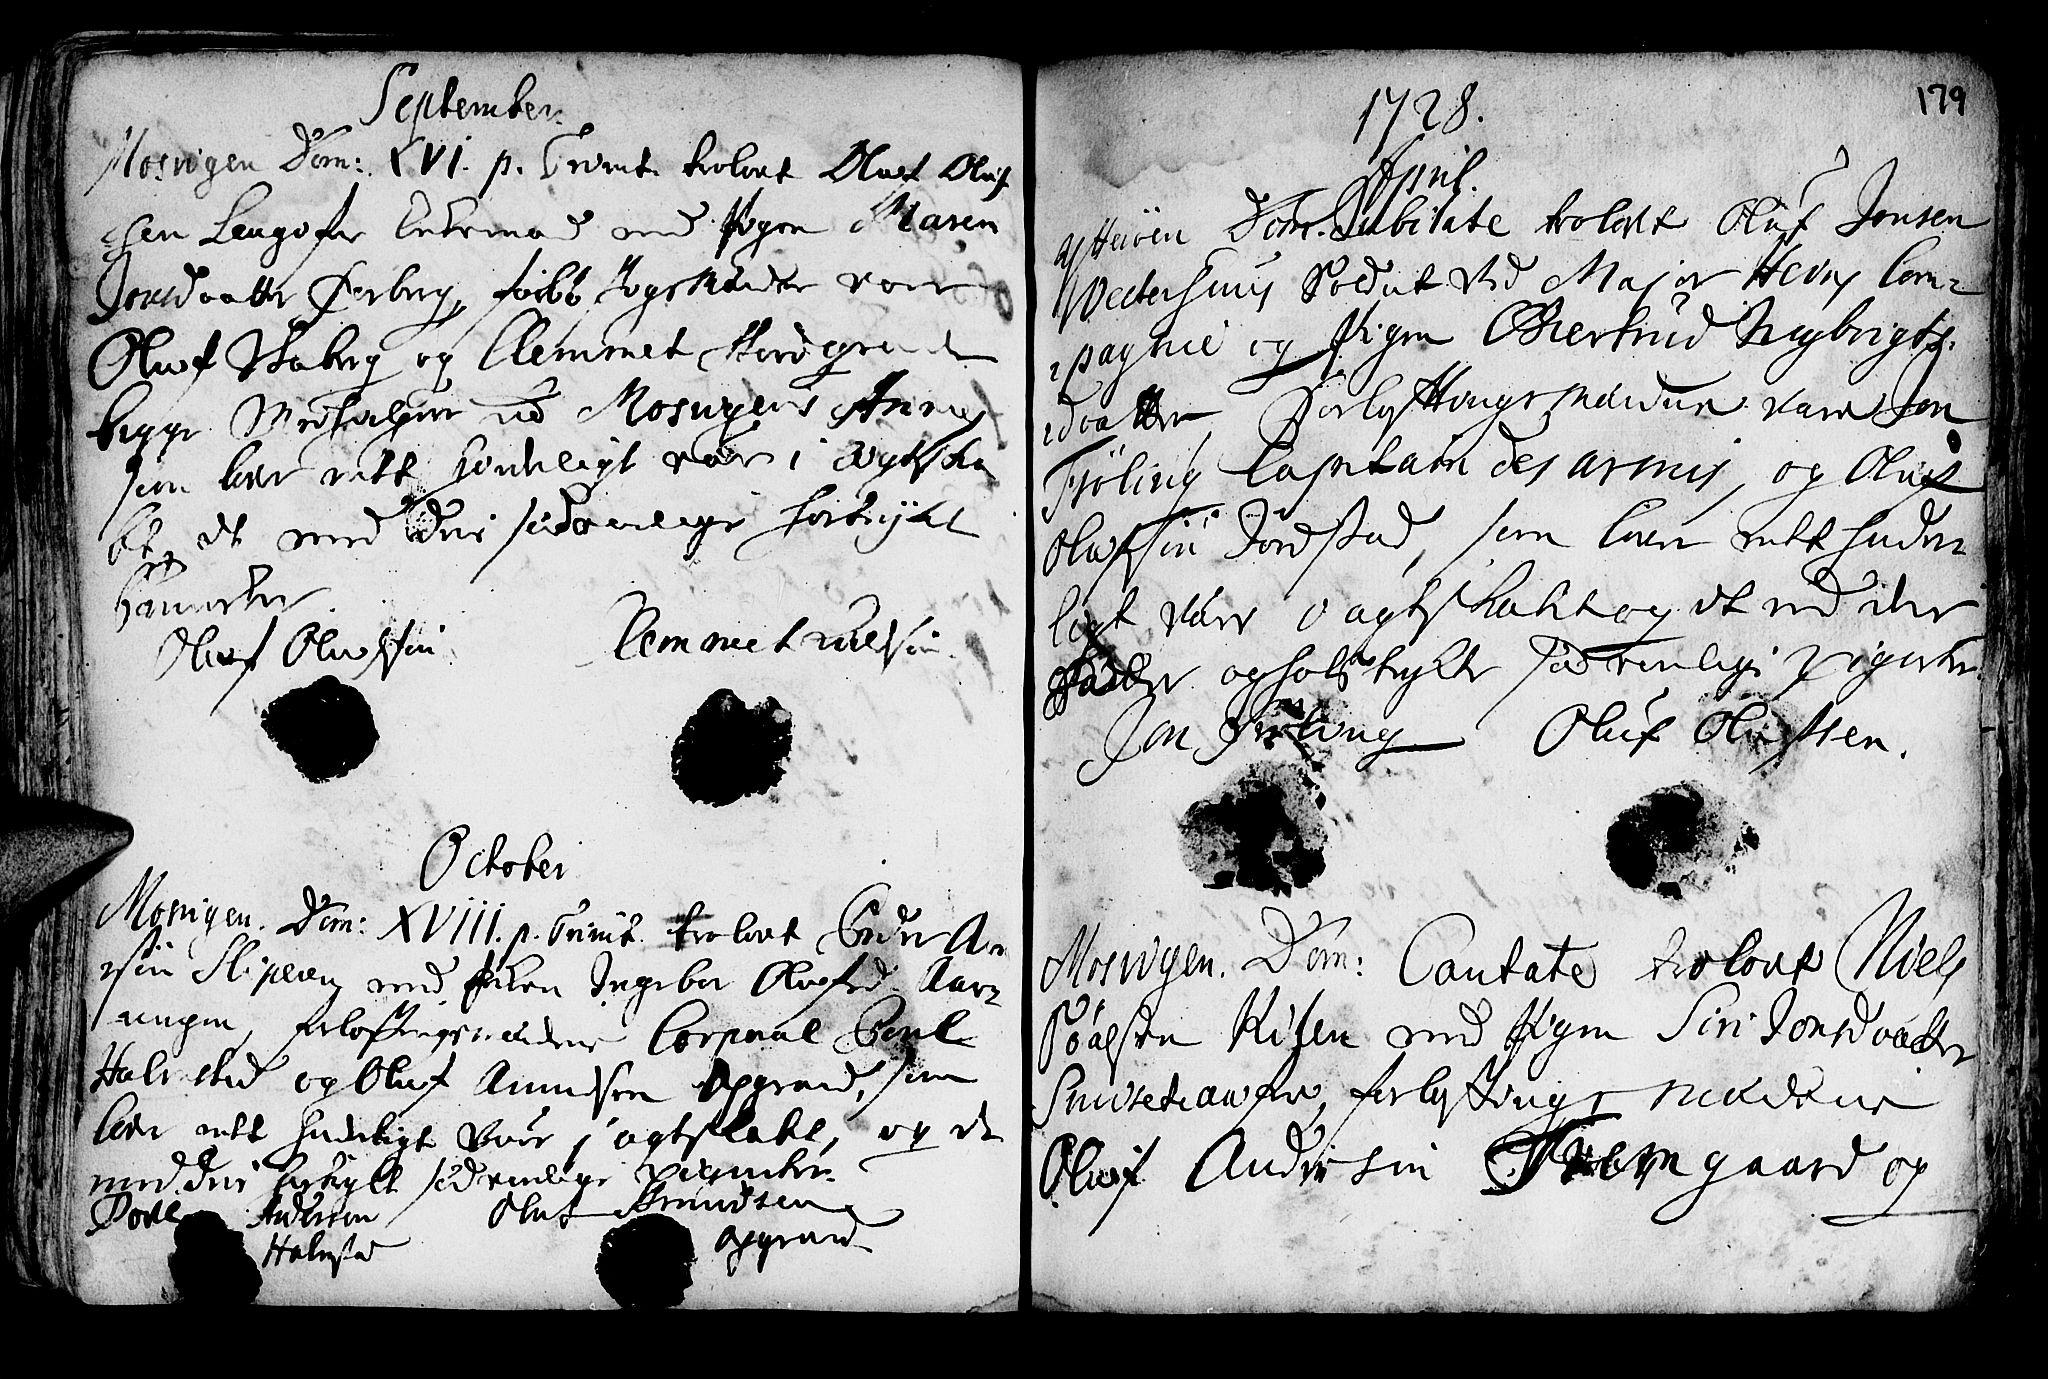 SAT, Ministerialprotokoller, klokkerbøker og fødselsregistre - Nord-Trøndelag, 722/L0215: Ministerialbok nr. 722A02, 1718-1755, s. 179